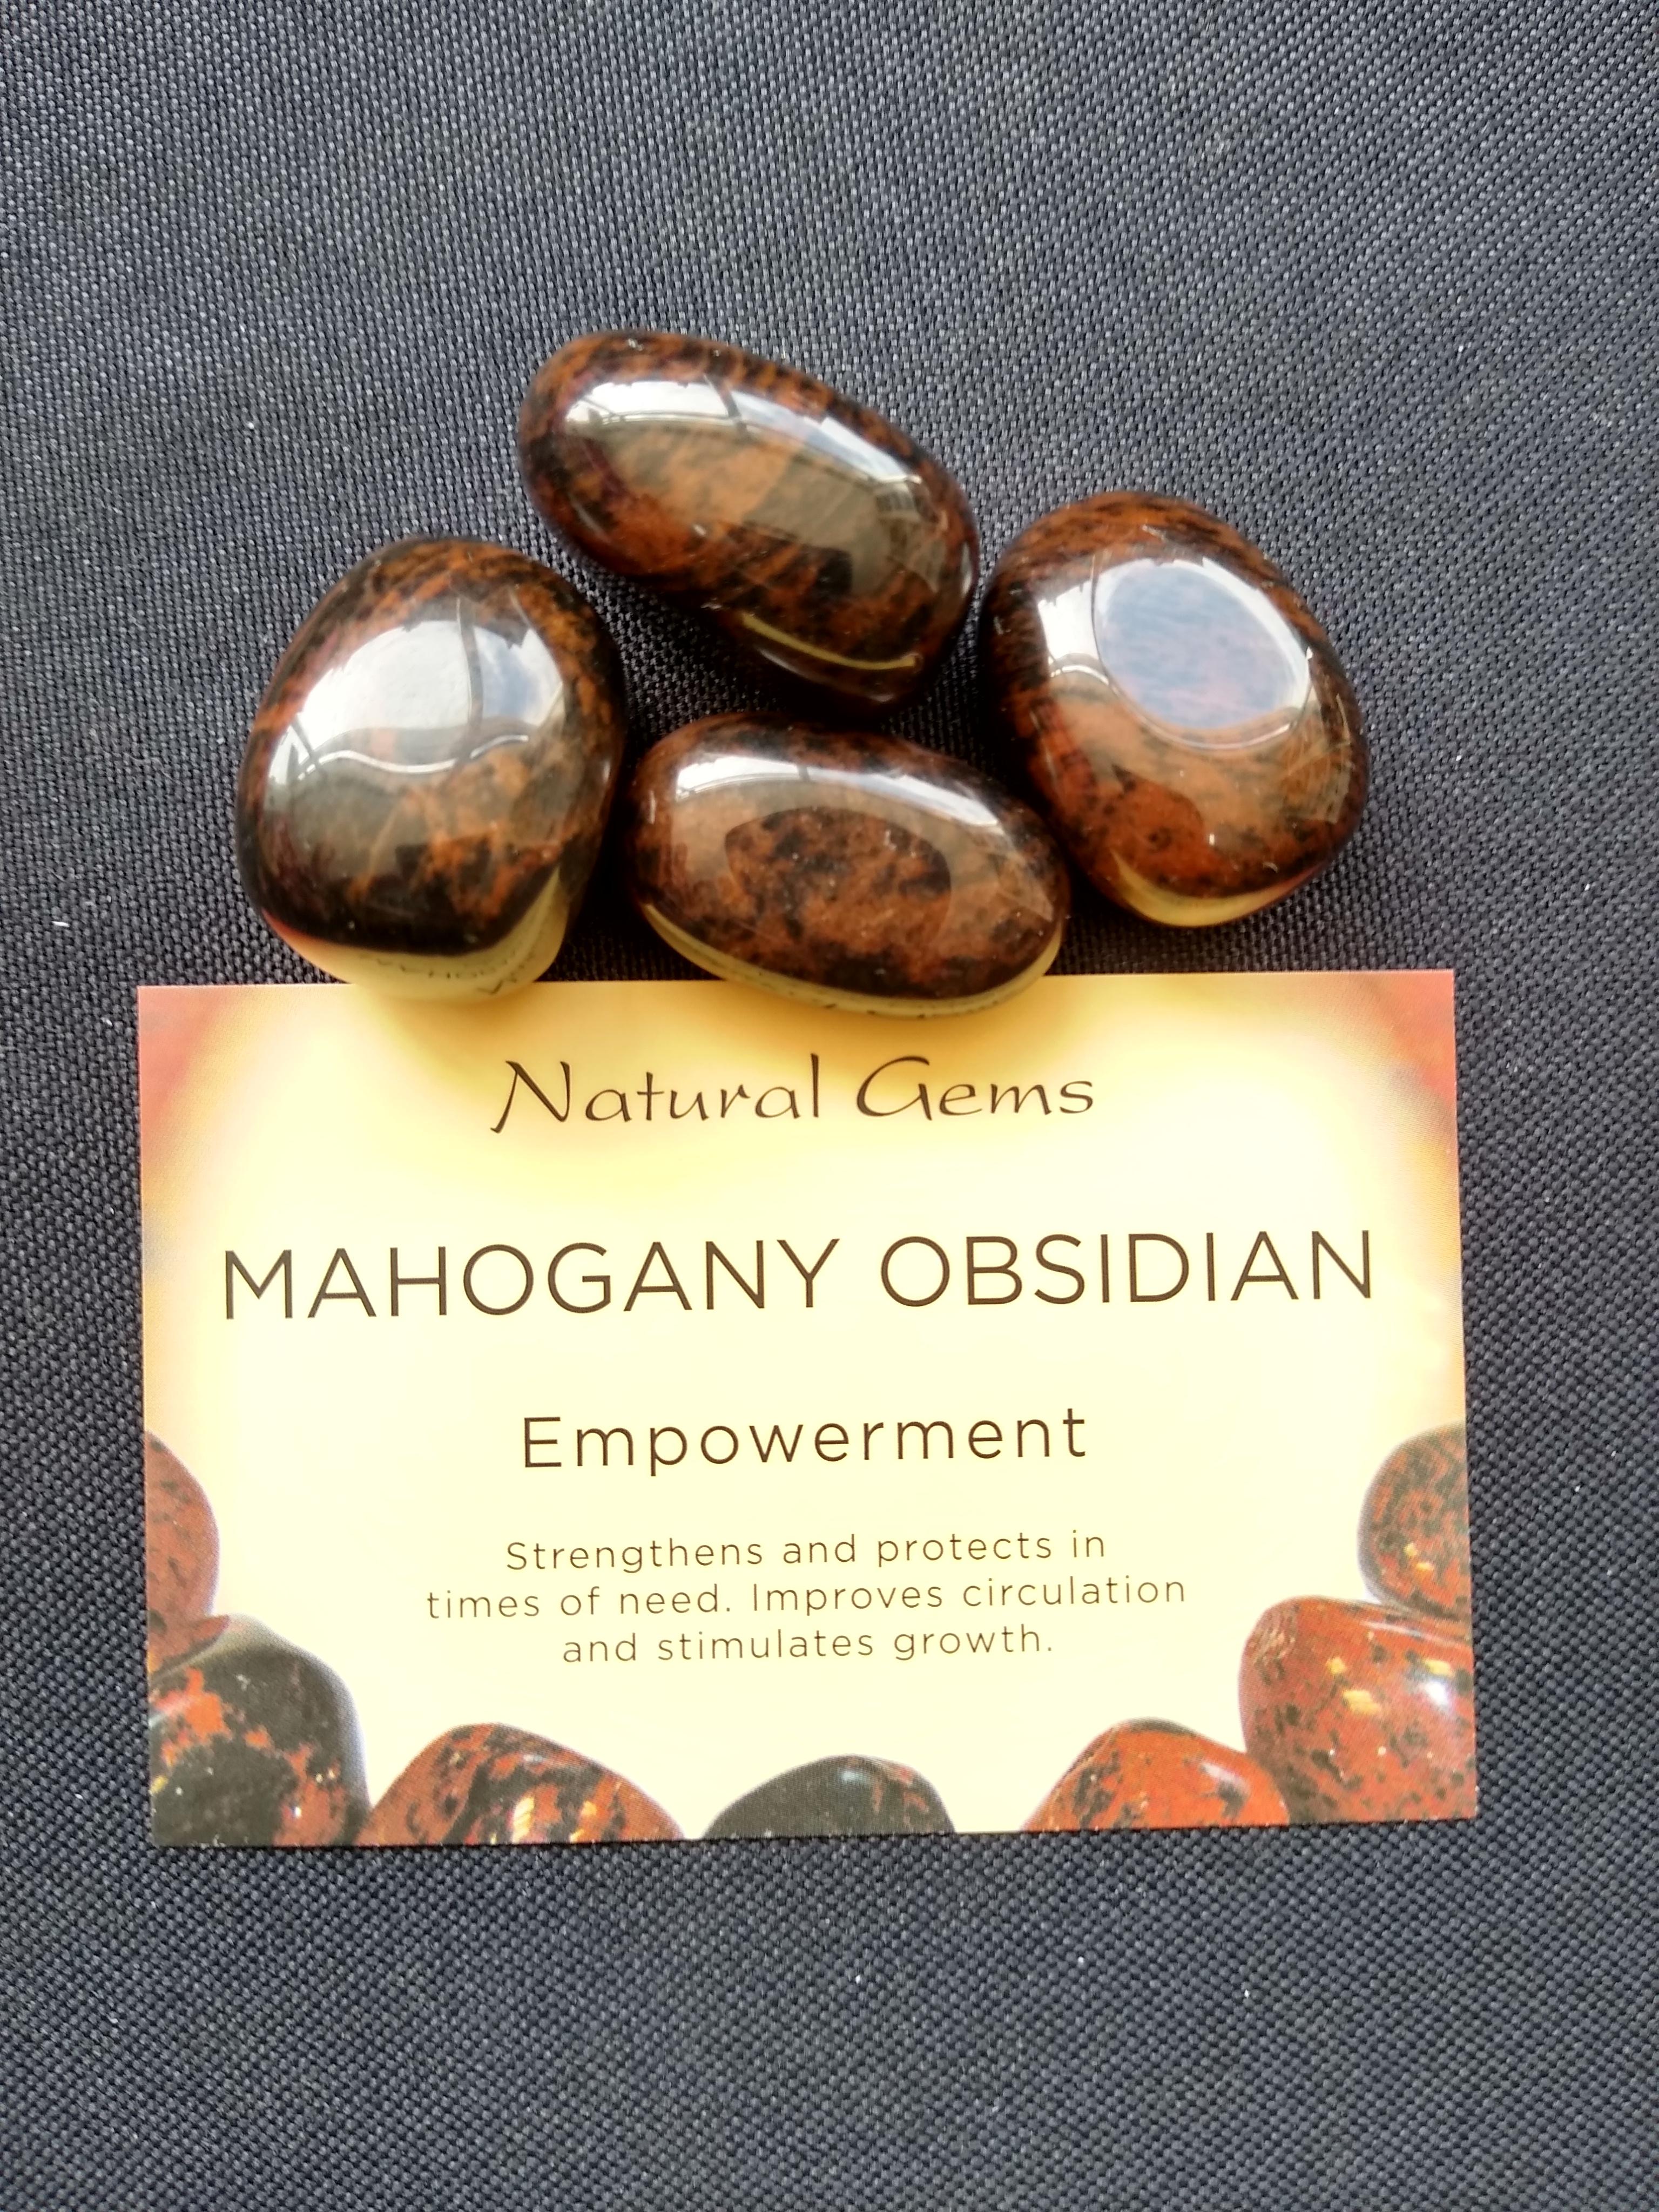 Mahogany Obsidian Gemstone